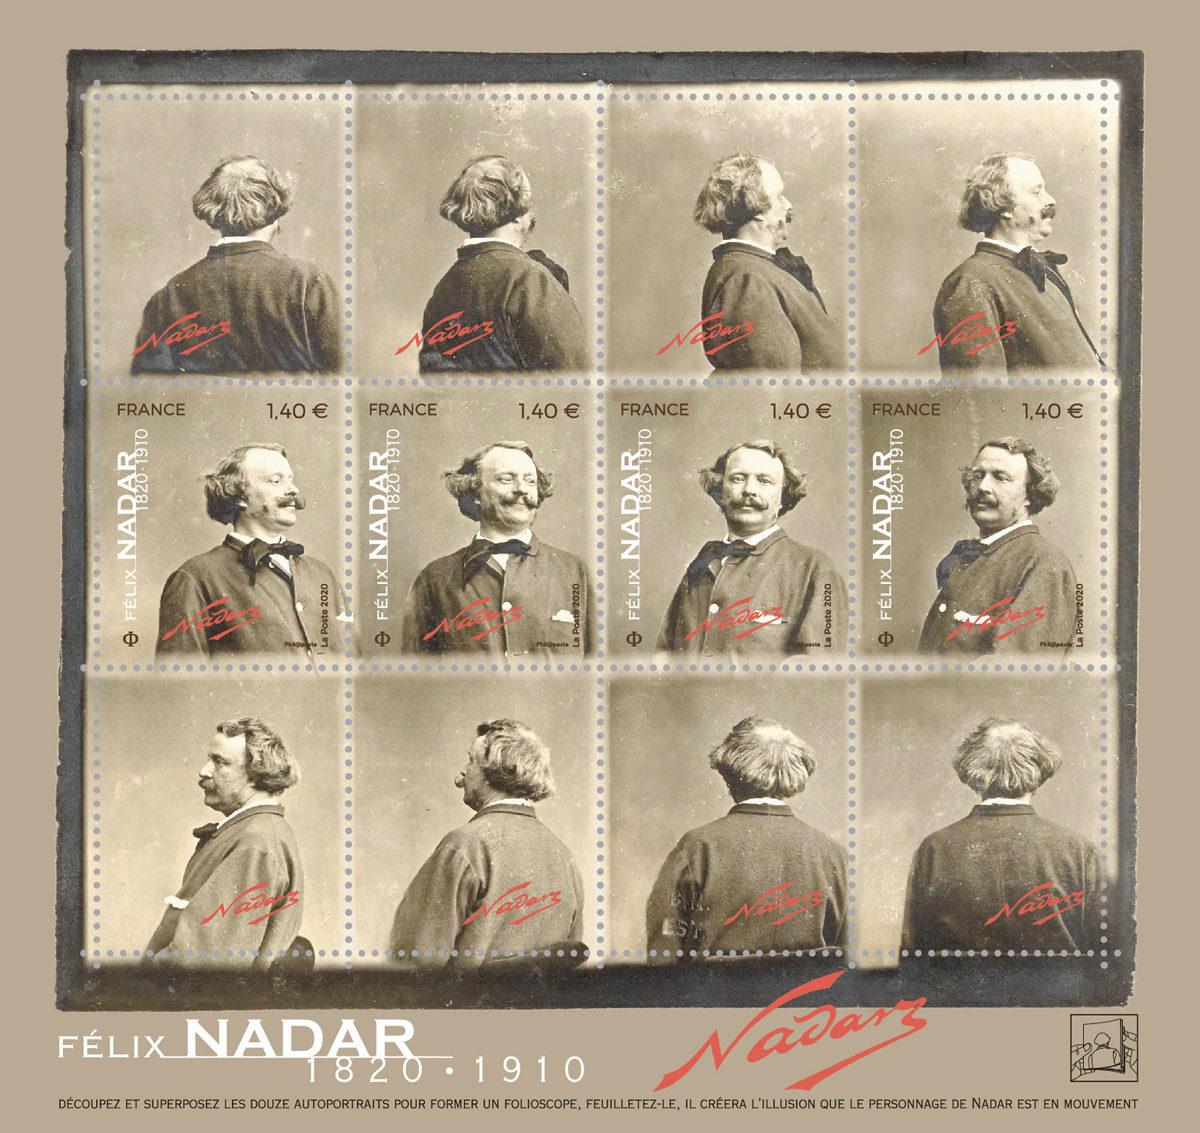 Félix Nadar © La Poste